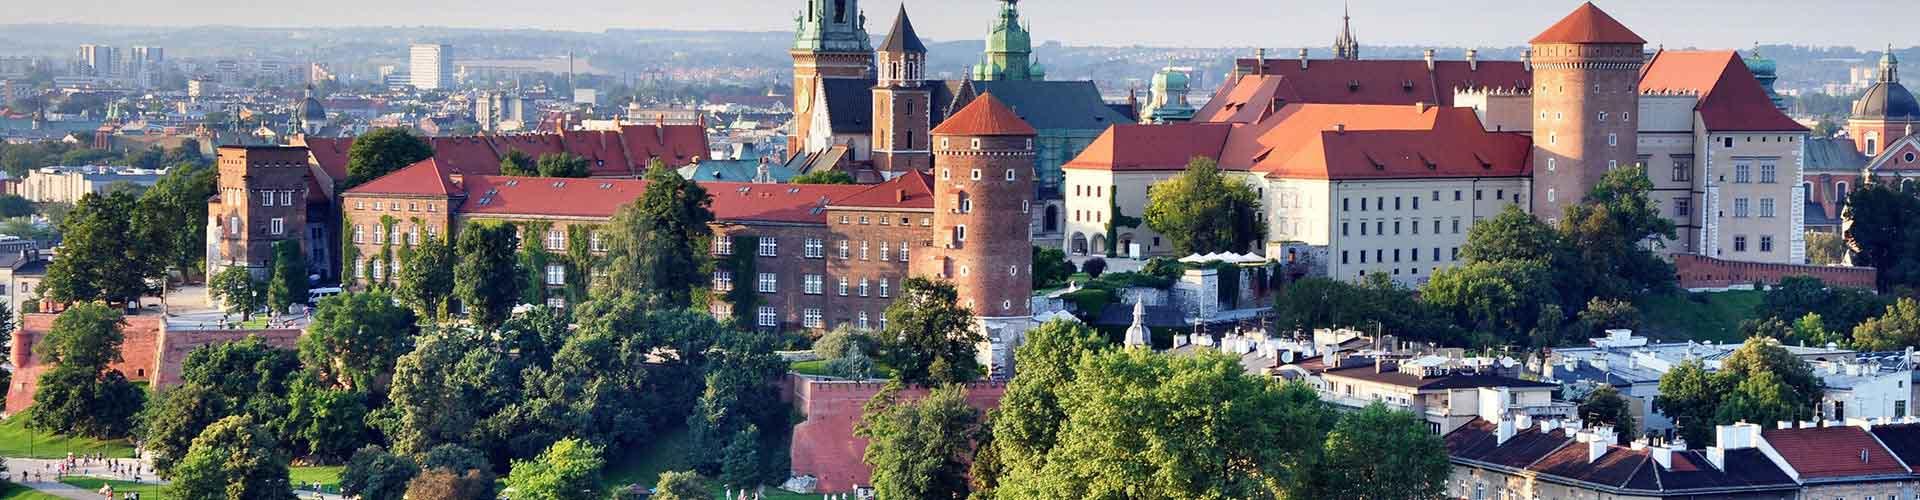 Krakova – Hostellit kohteessa Krakova. Krakova -karttoja, valokuvia ja arvosteluja kaikista Krakova -hostelleista.